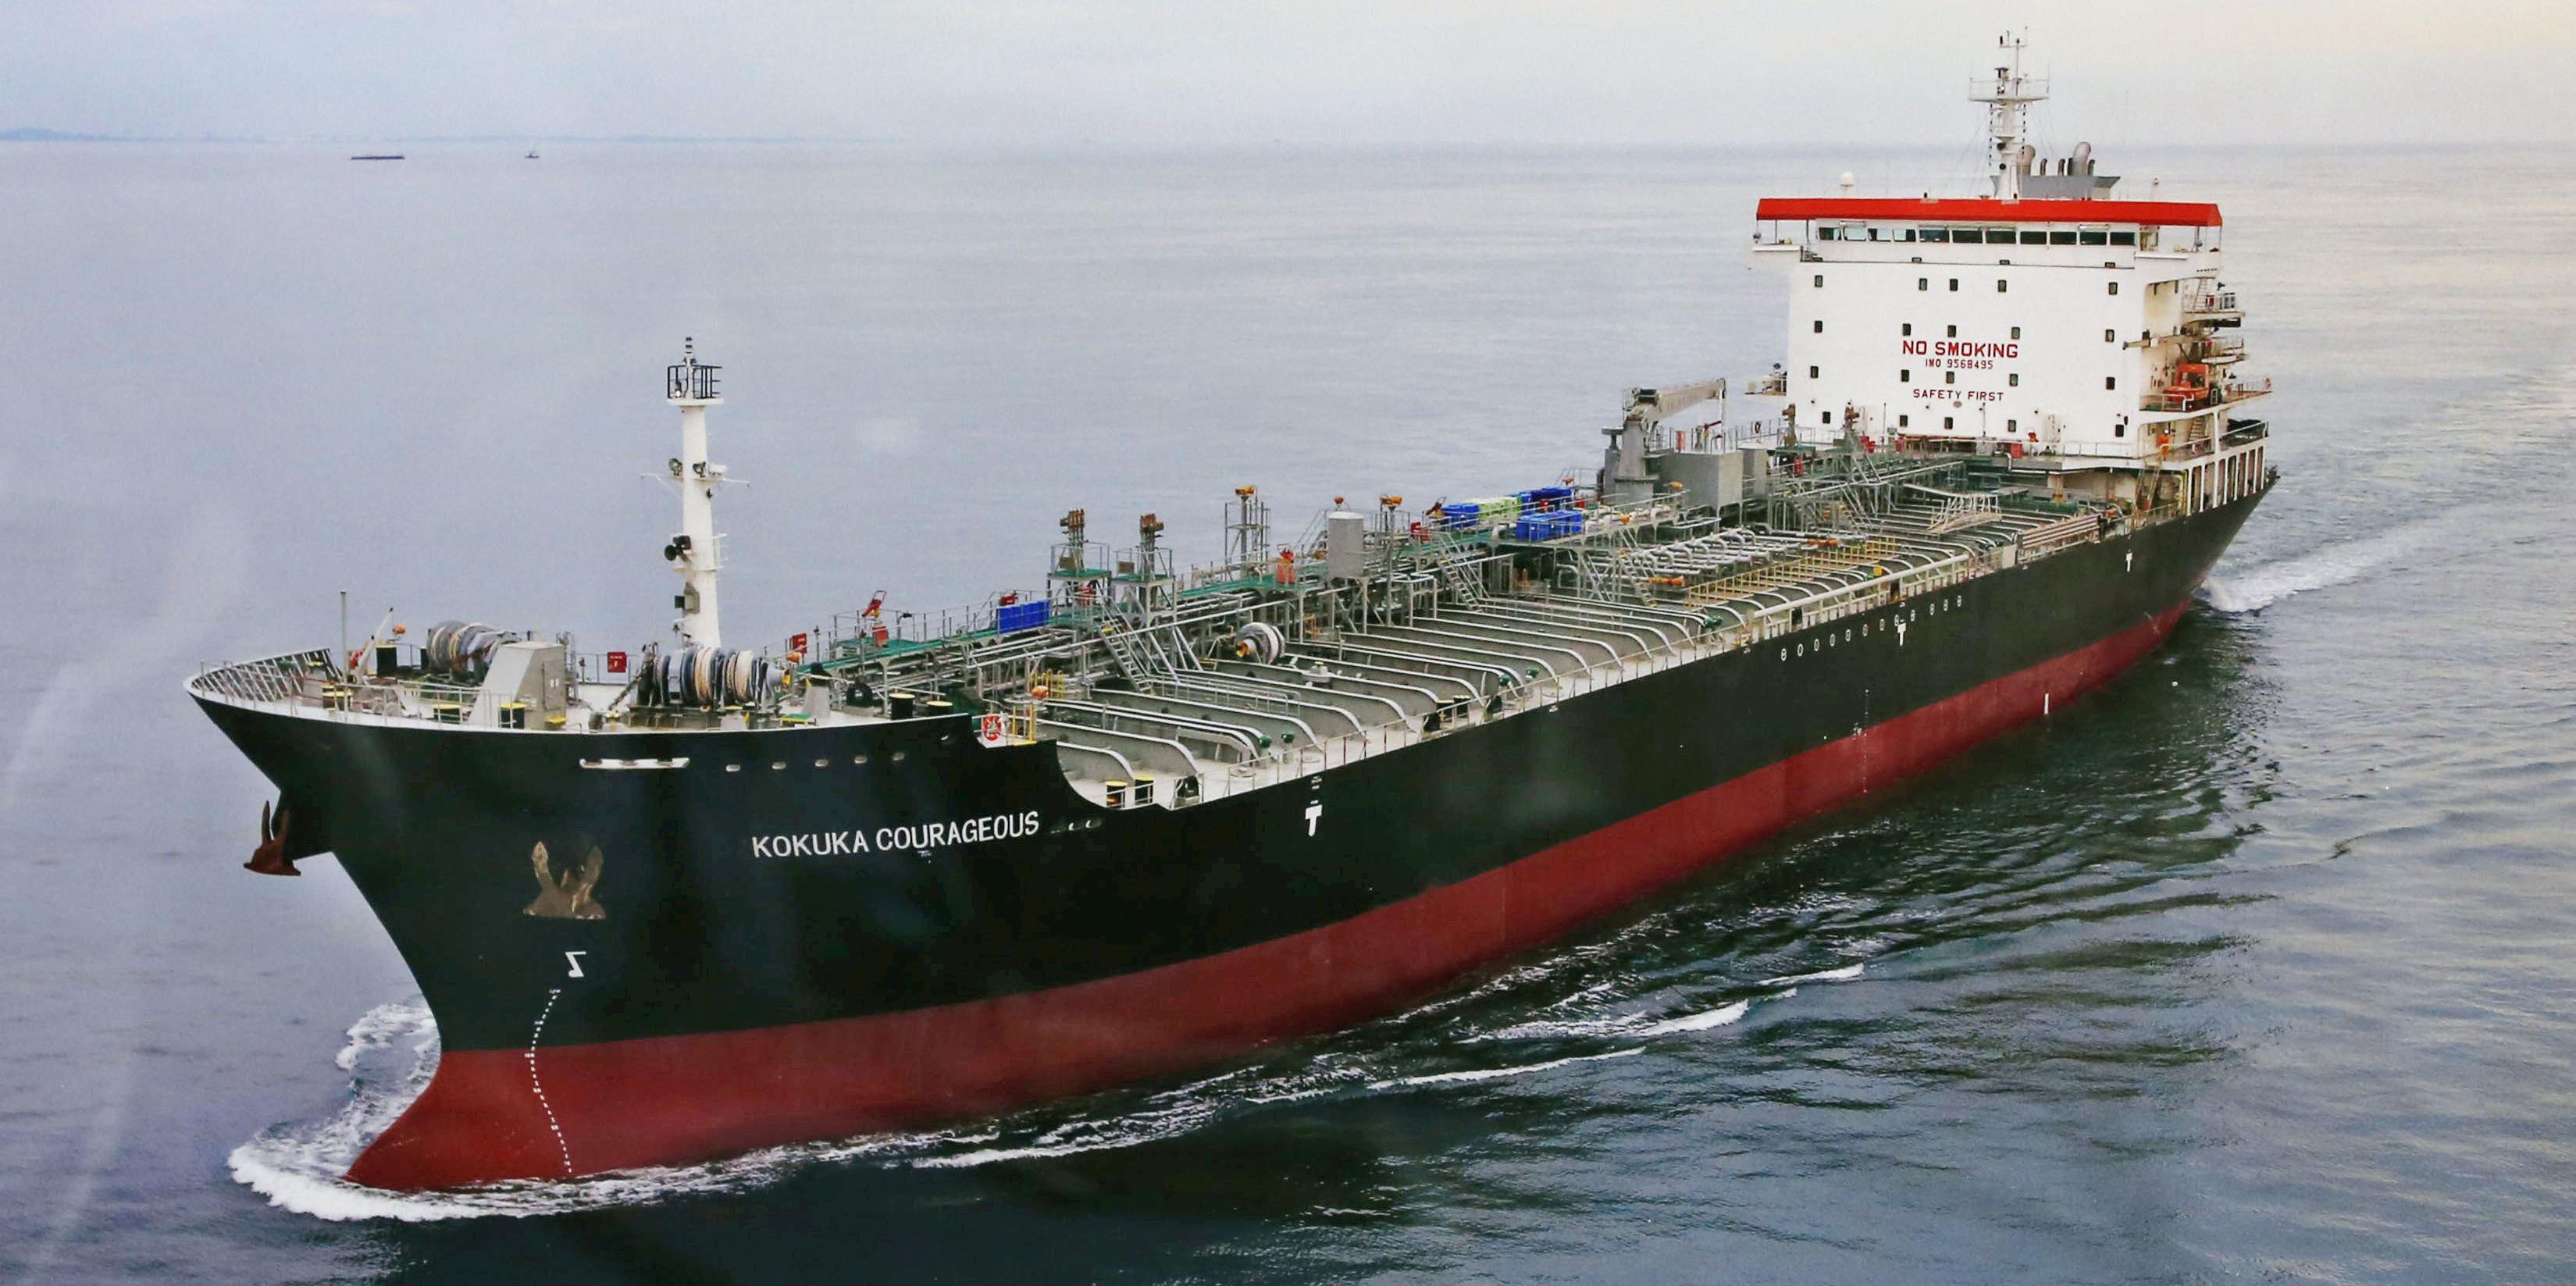 petroliers-le-kokuta-courageous-au-mouillage-au-large-des-emirats